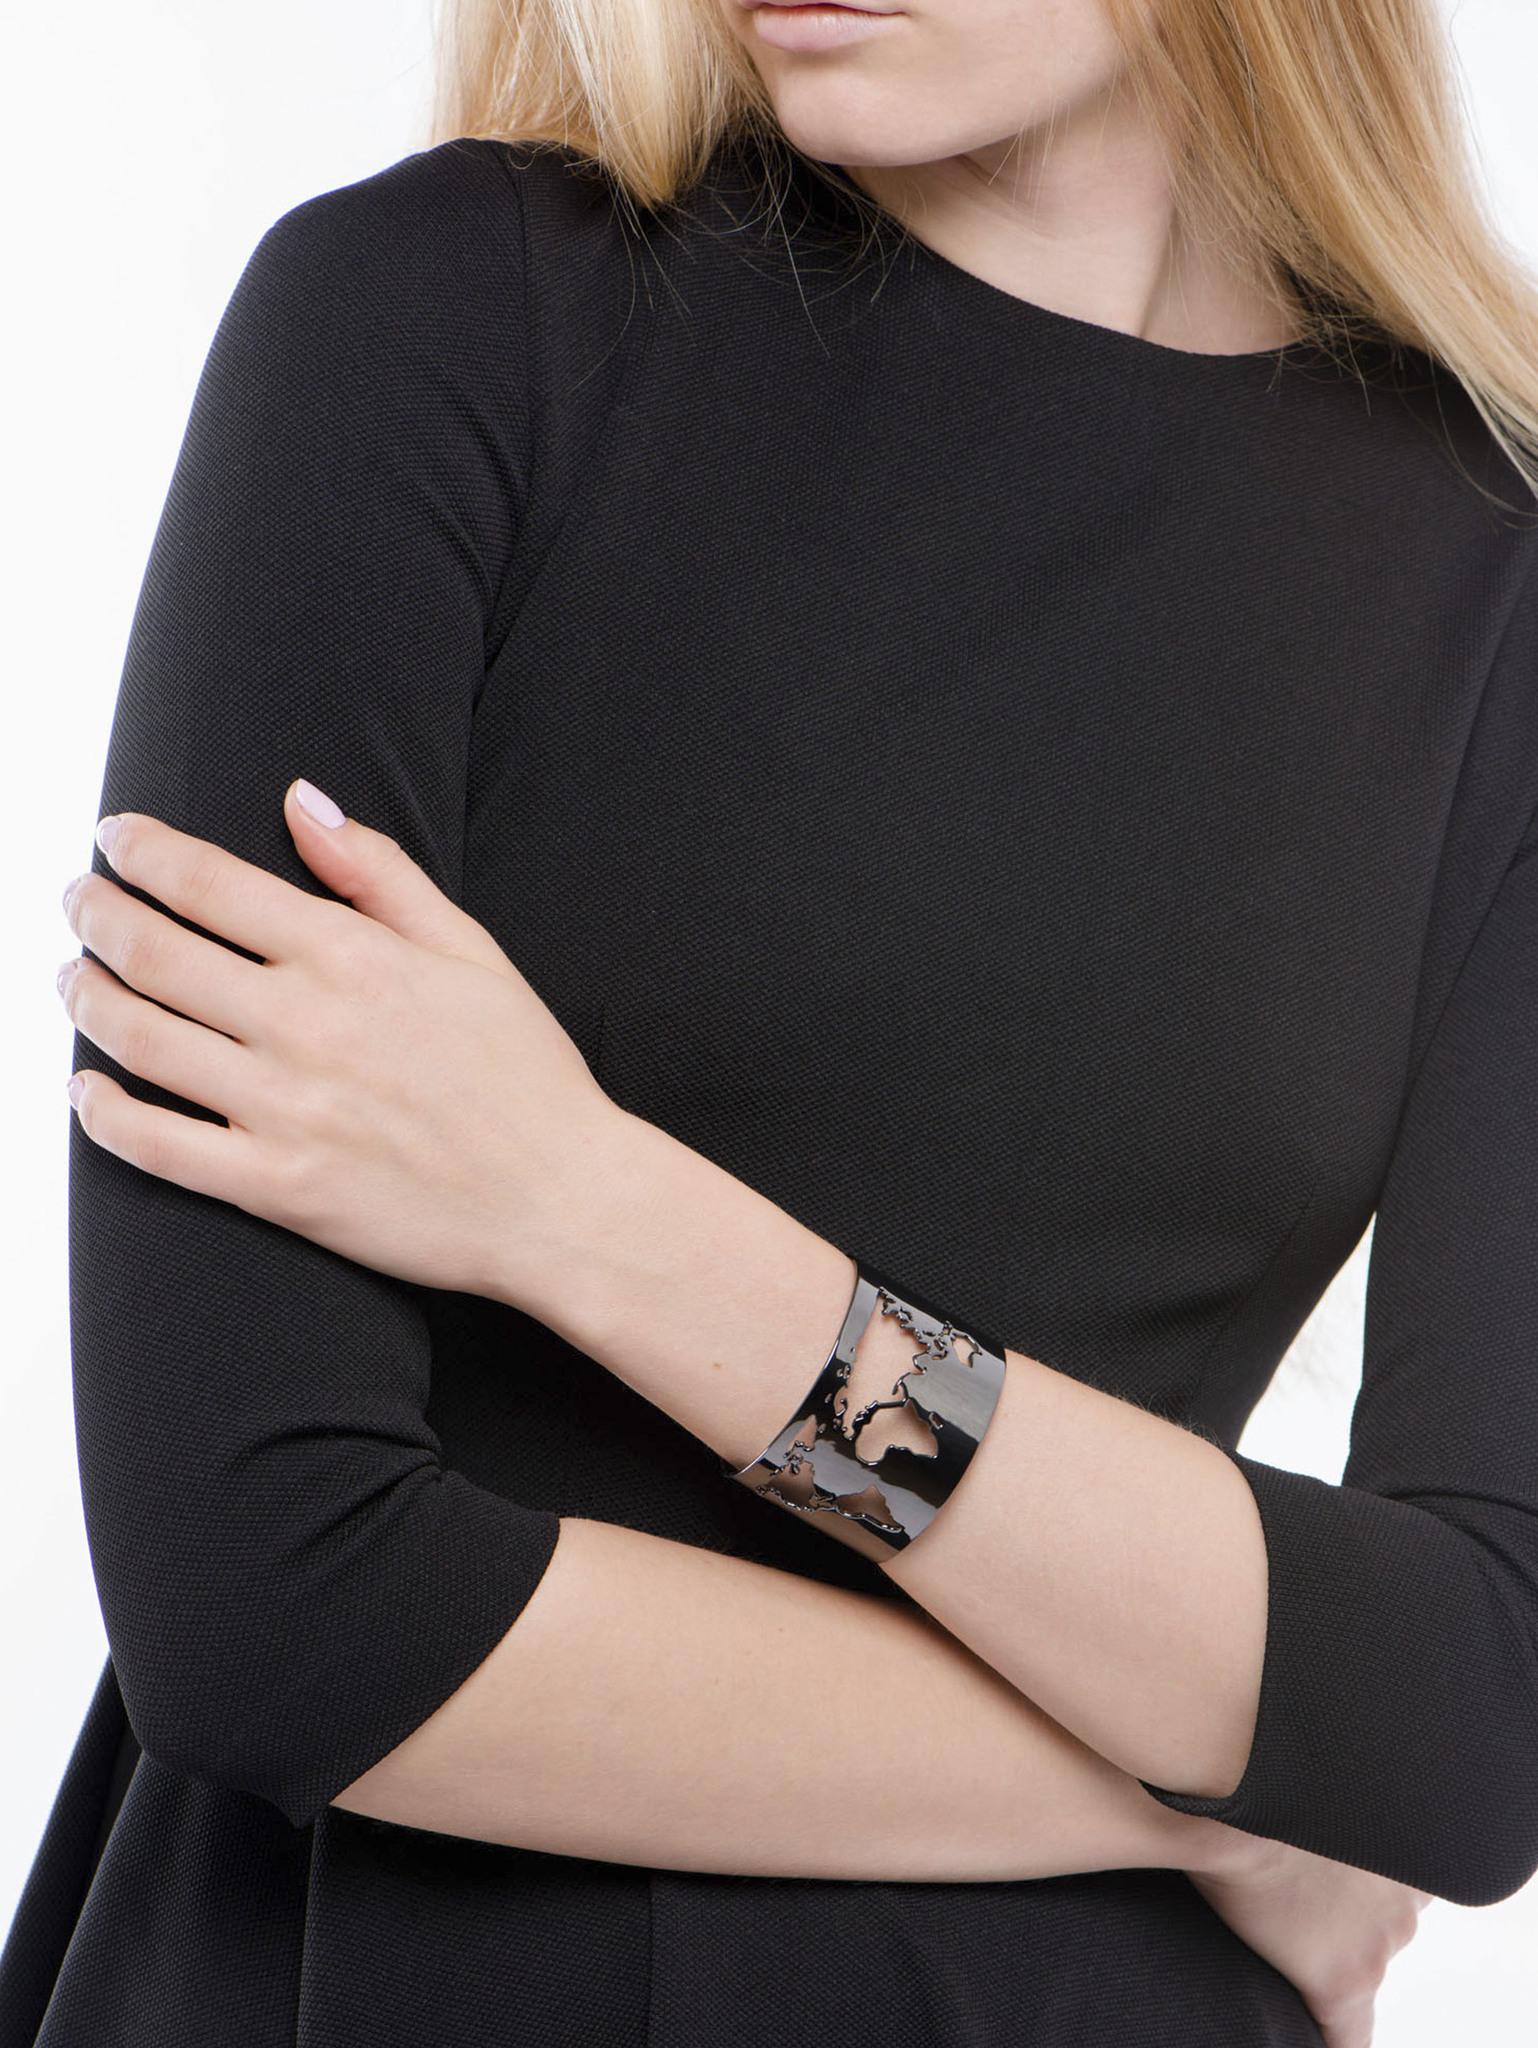 Artelier MX - ювелирный бренд на стыке двух культур